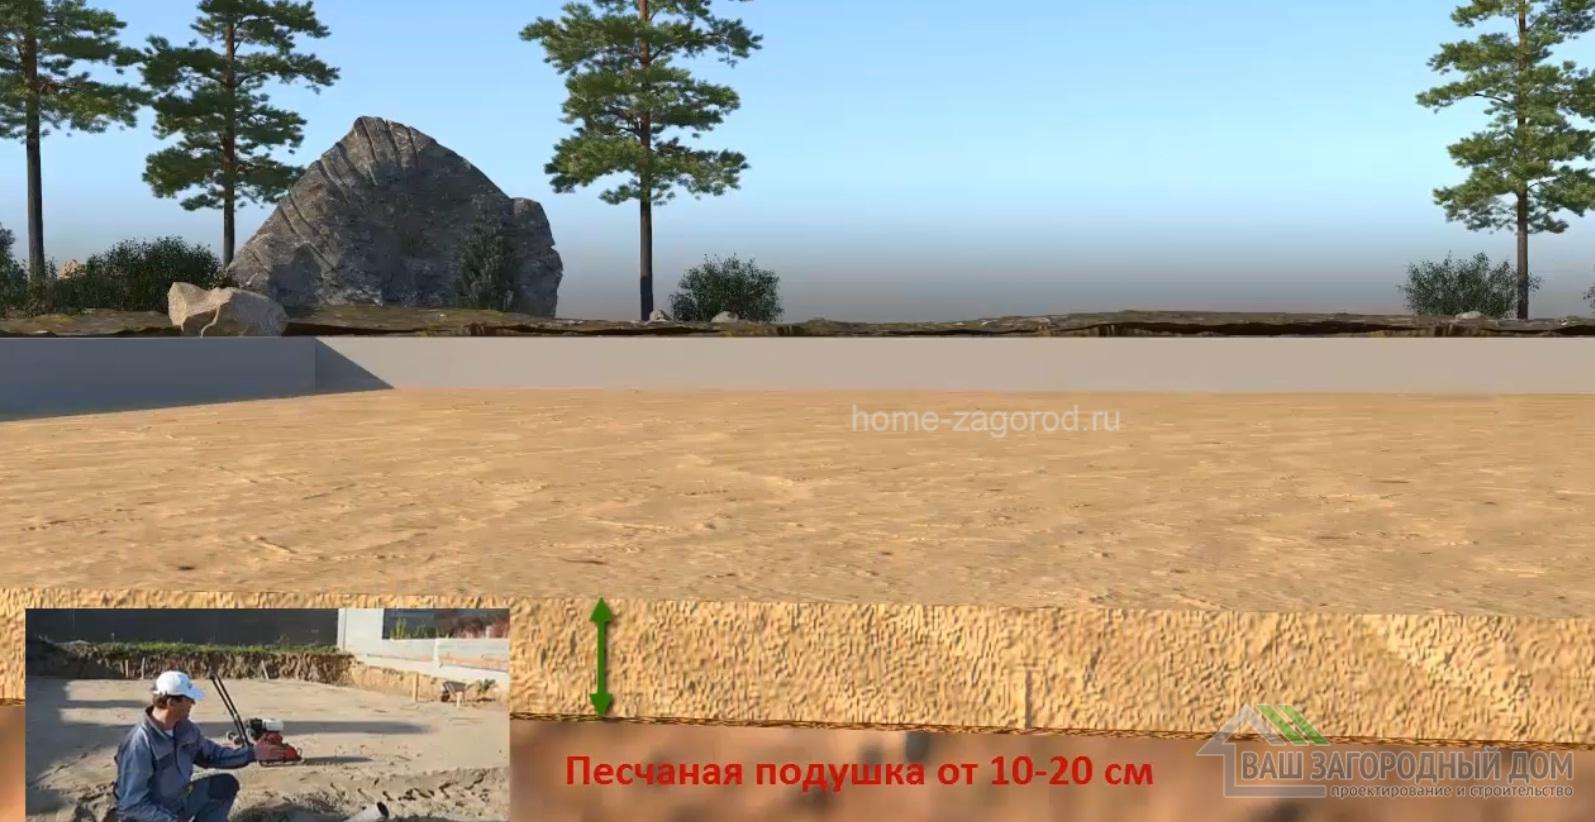 Укладка песчаной подушки для плиты